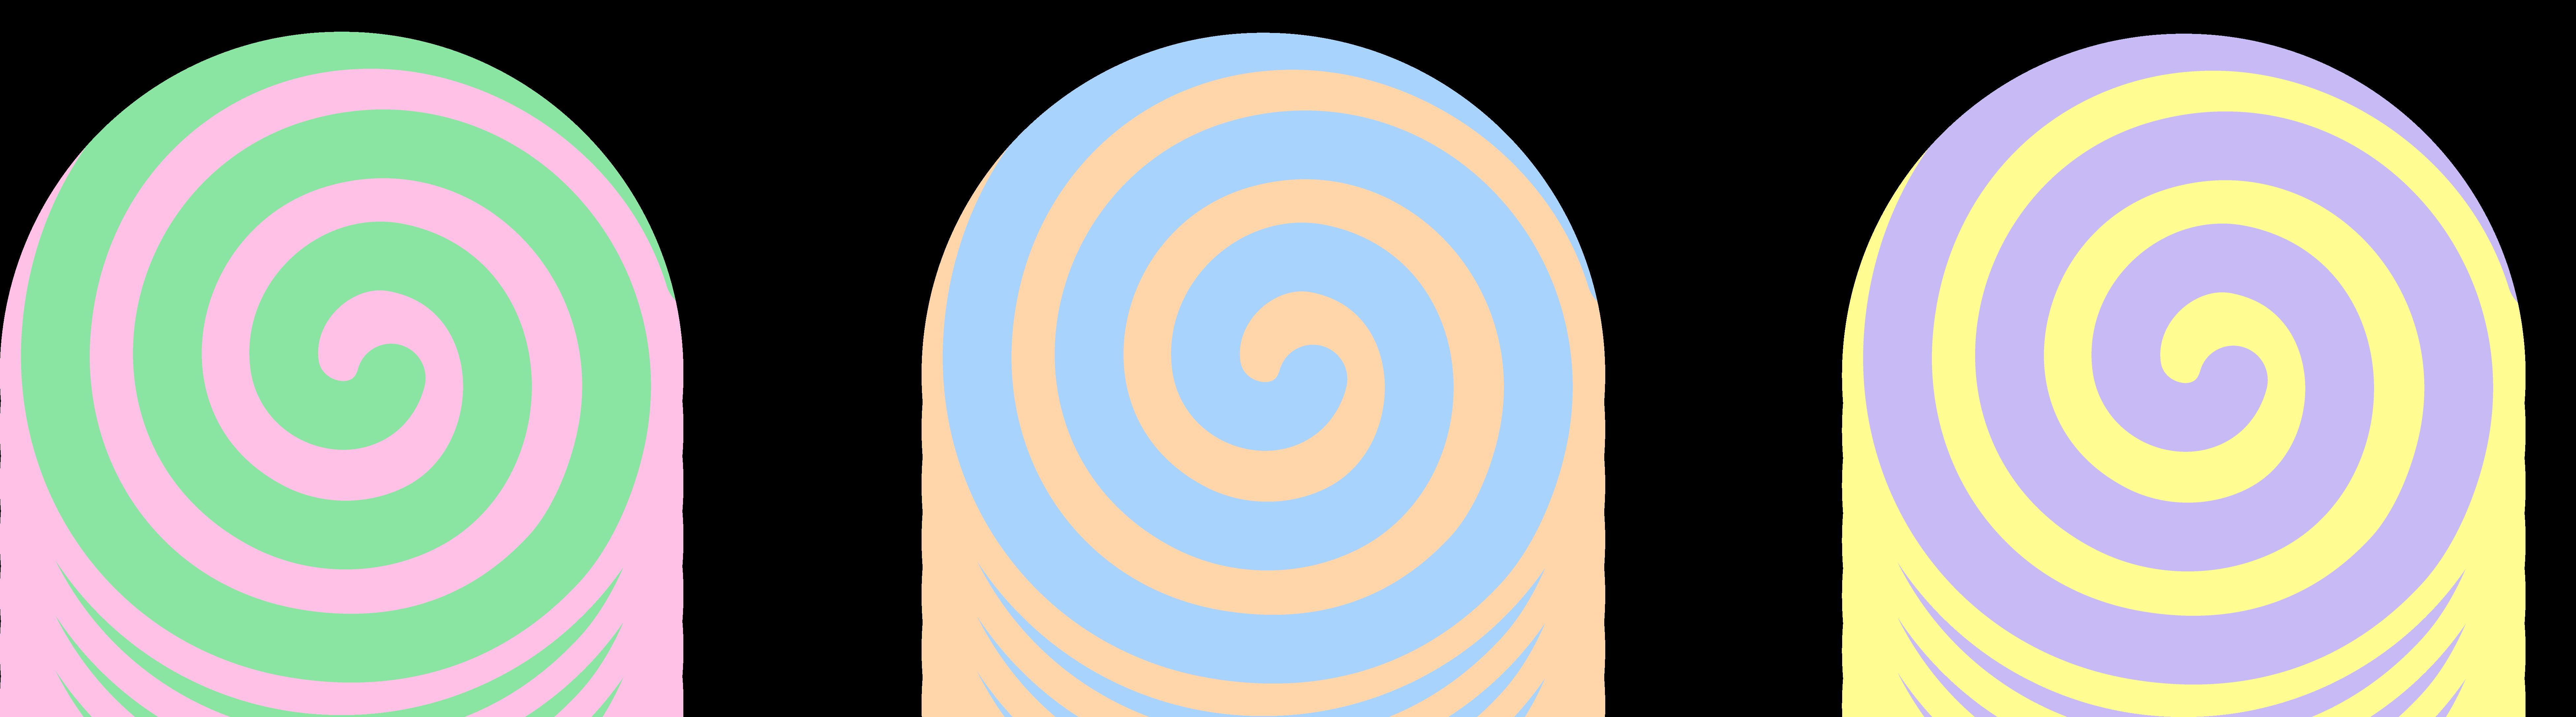 Spiral clipart swirl candy Pastel Art Free Candies Spiral